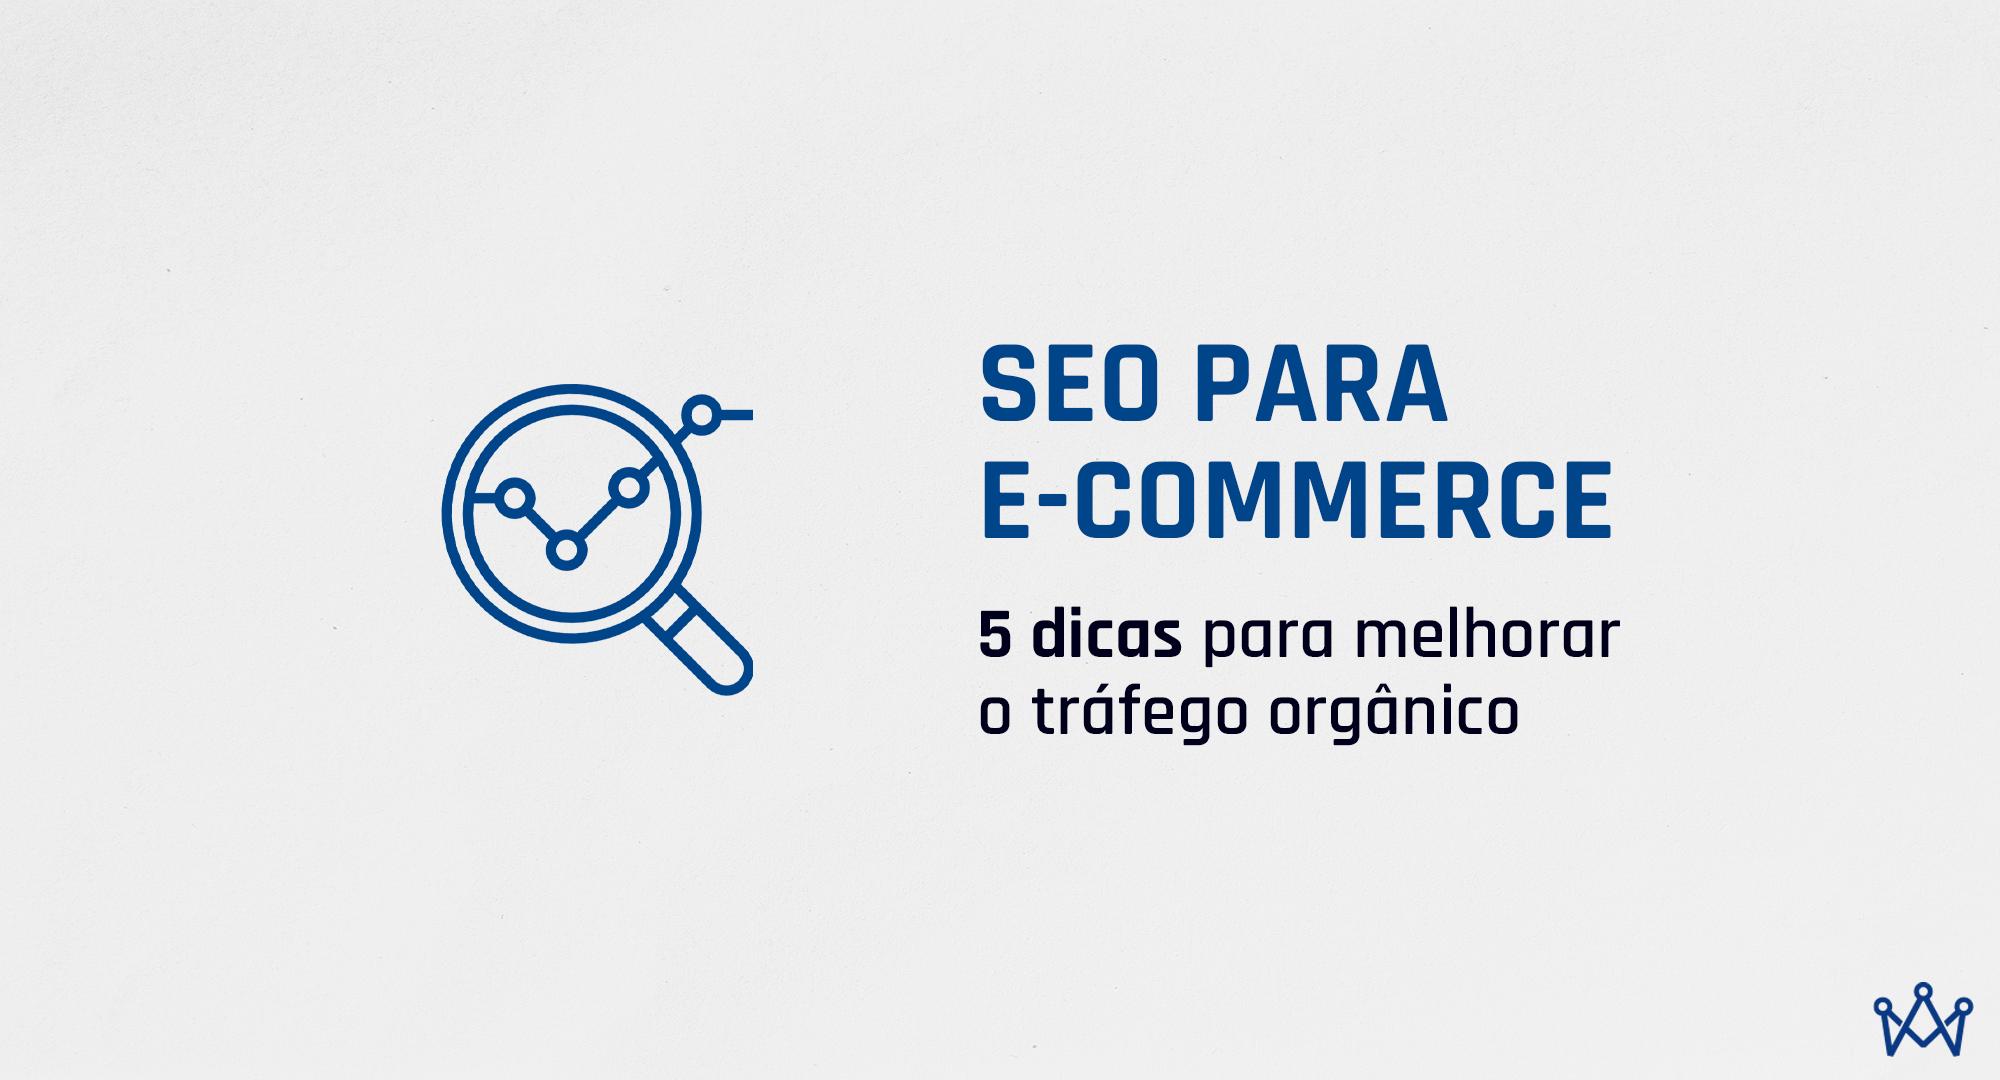 """Imagem com o título """"SEO para e-commerce: 5 dicas para melhorar o tráfego orgânico""""."""